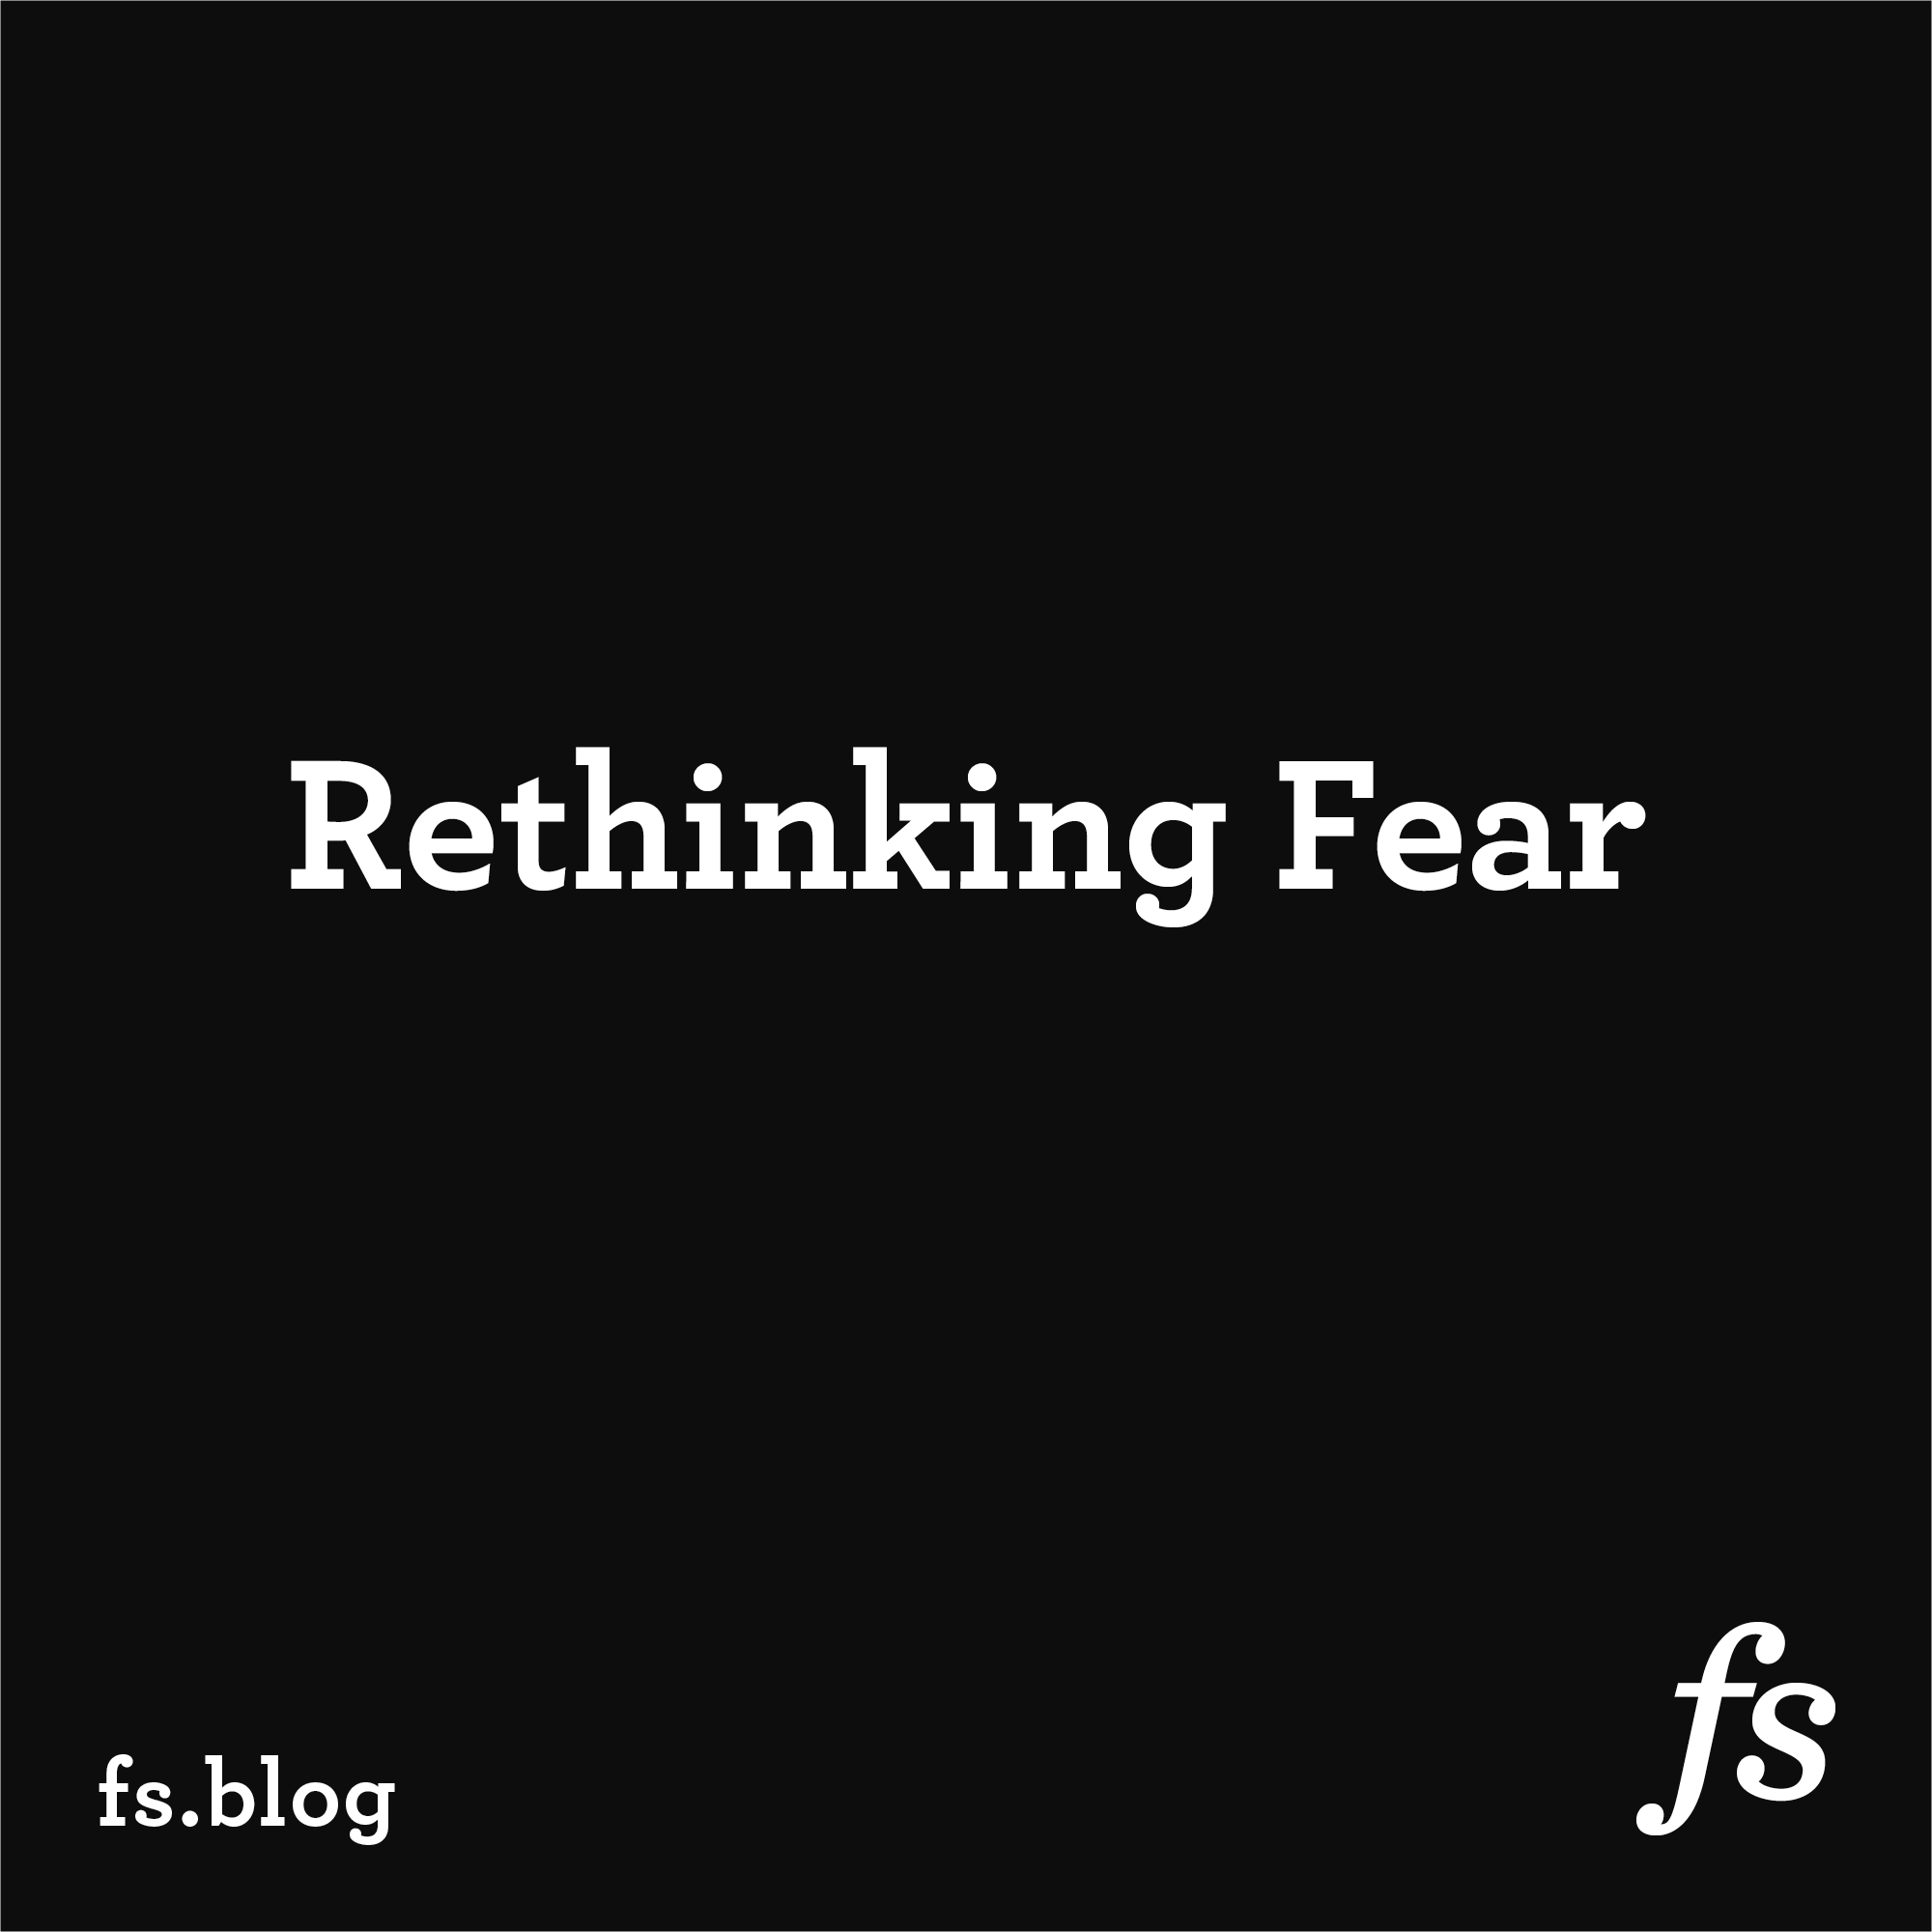 Rethinking Fear